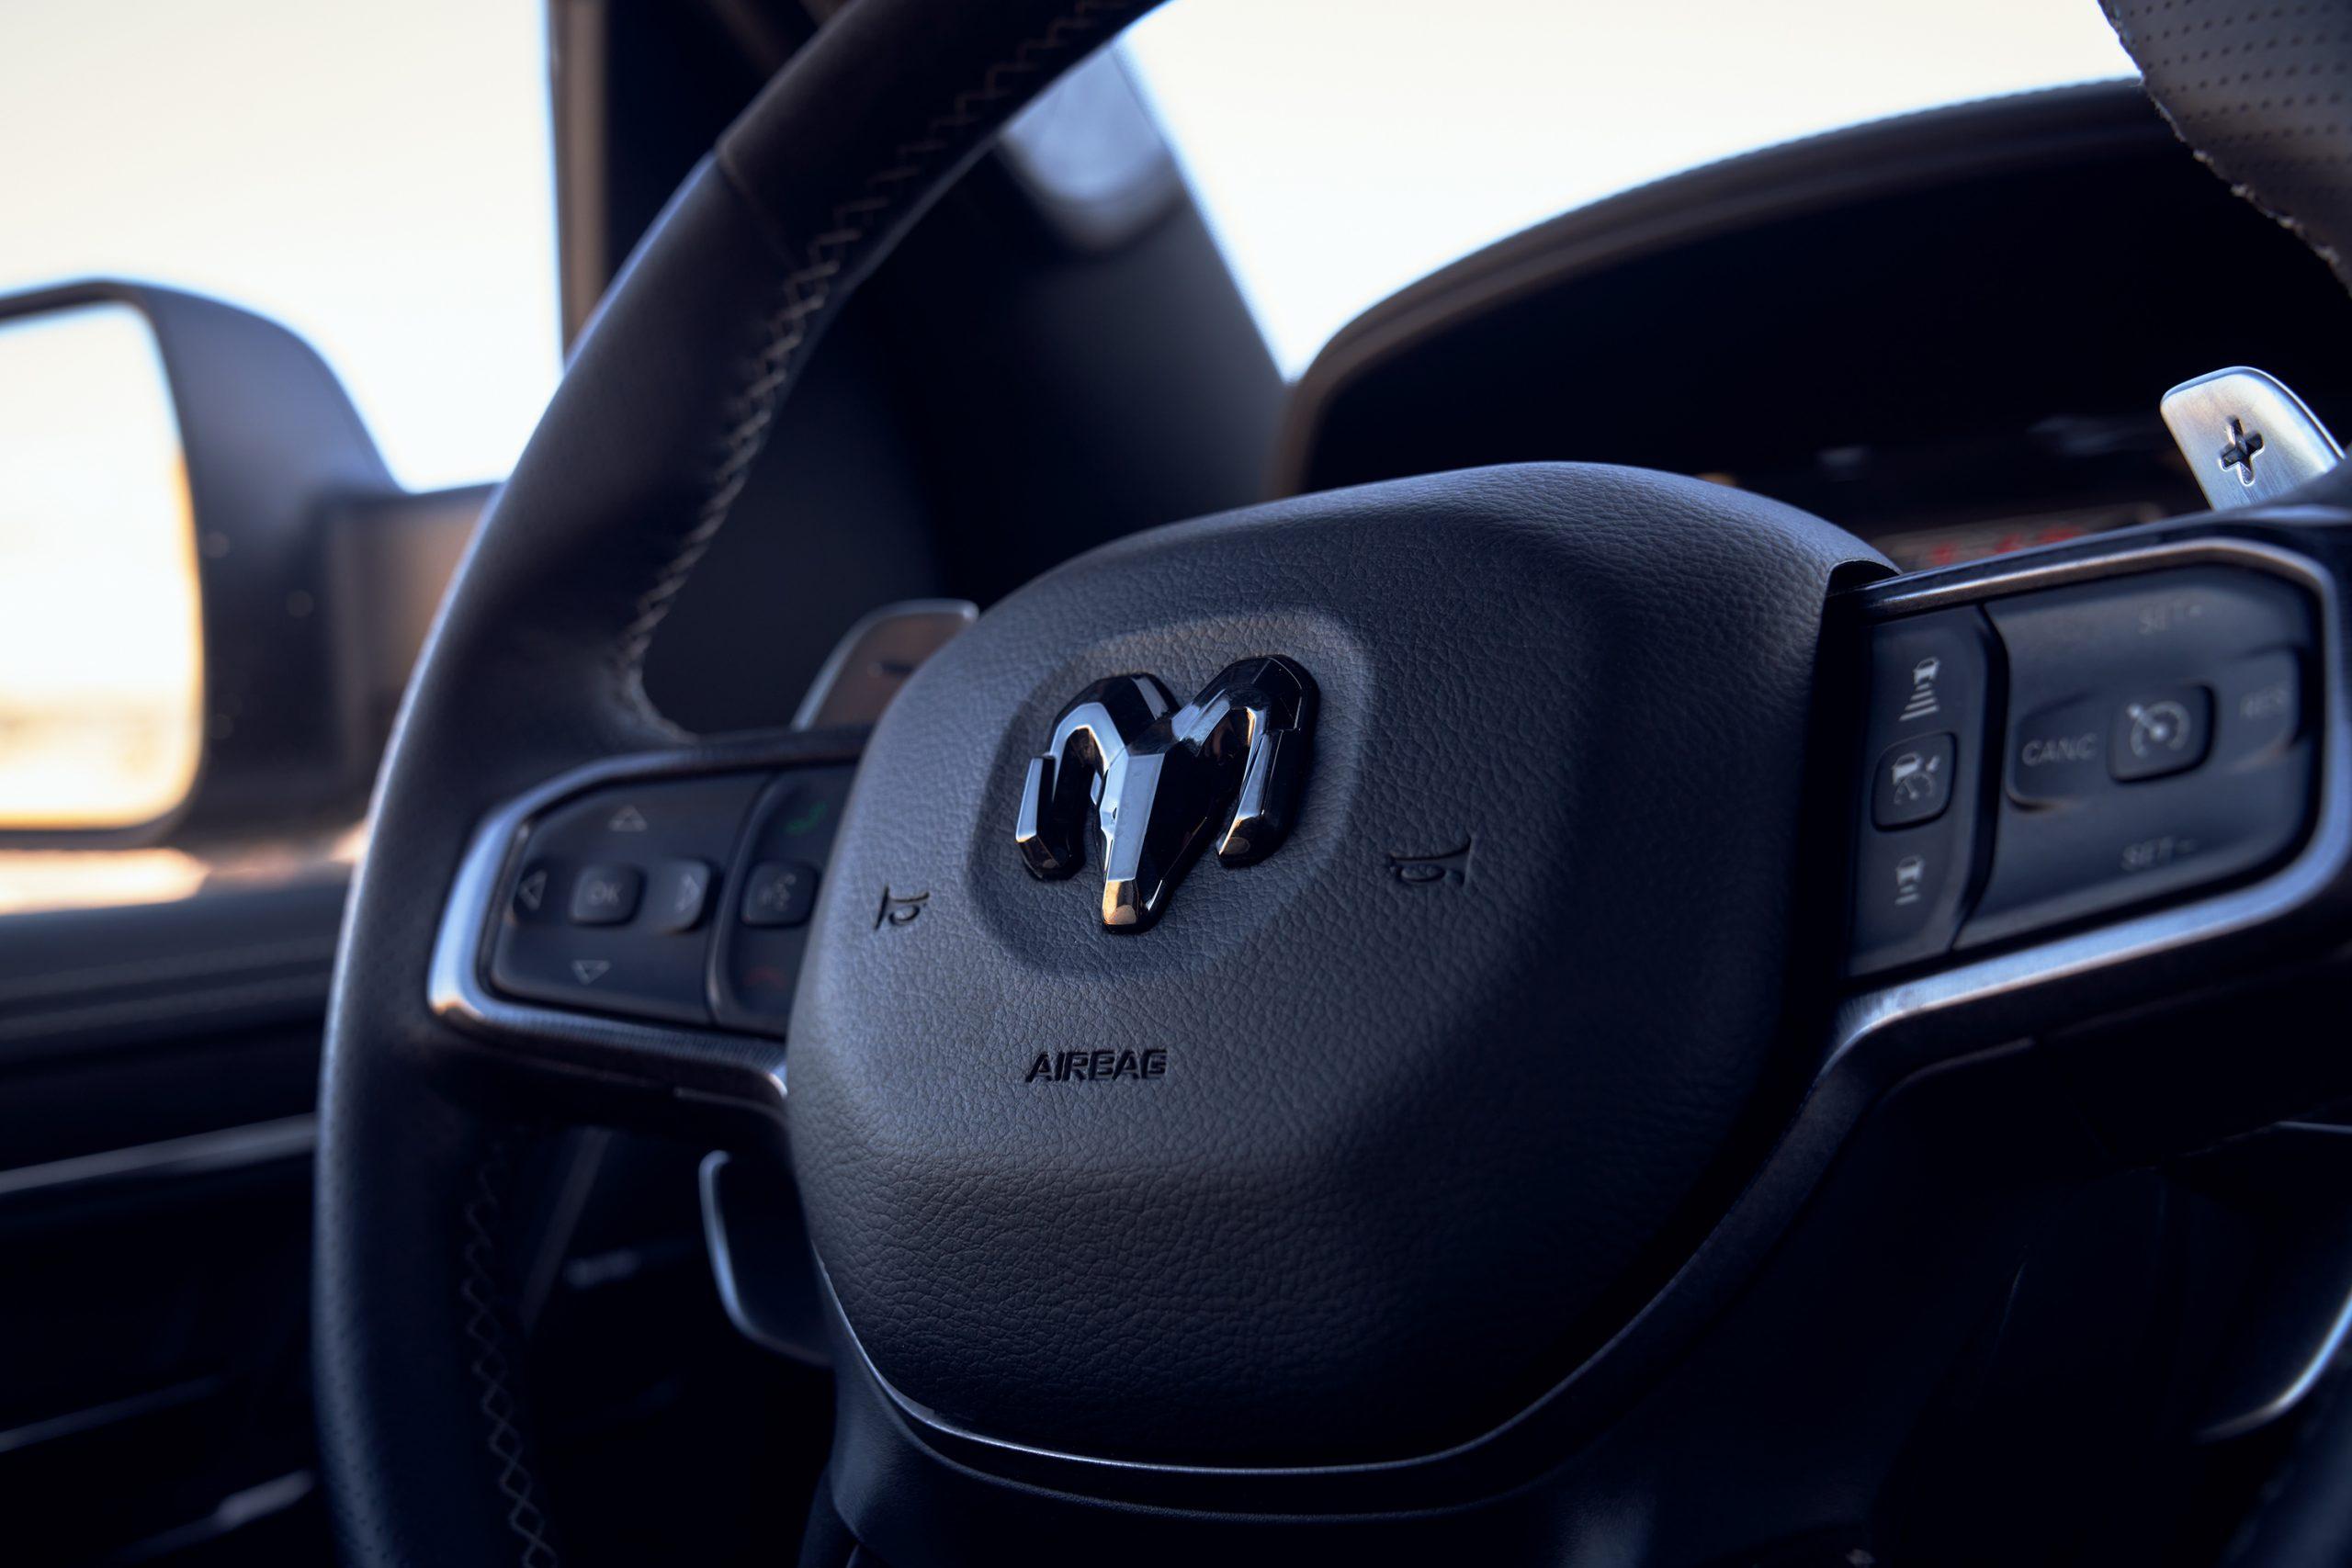 2021 Ram 1500 TRX steering wheel detail close